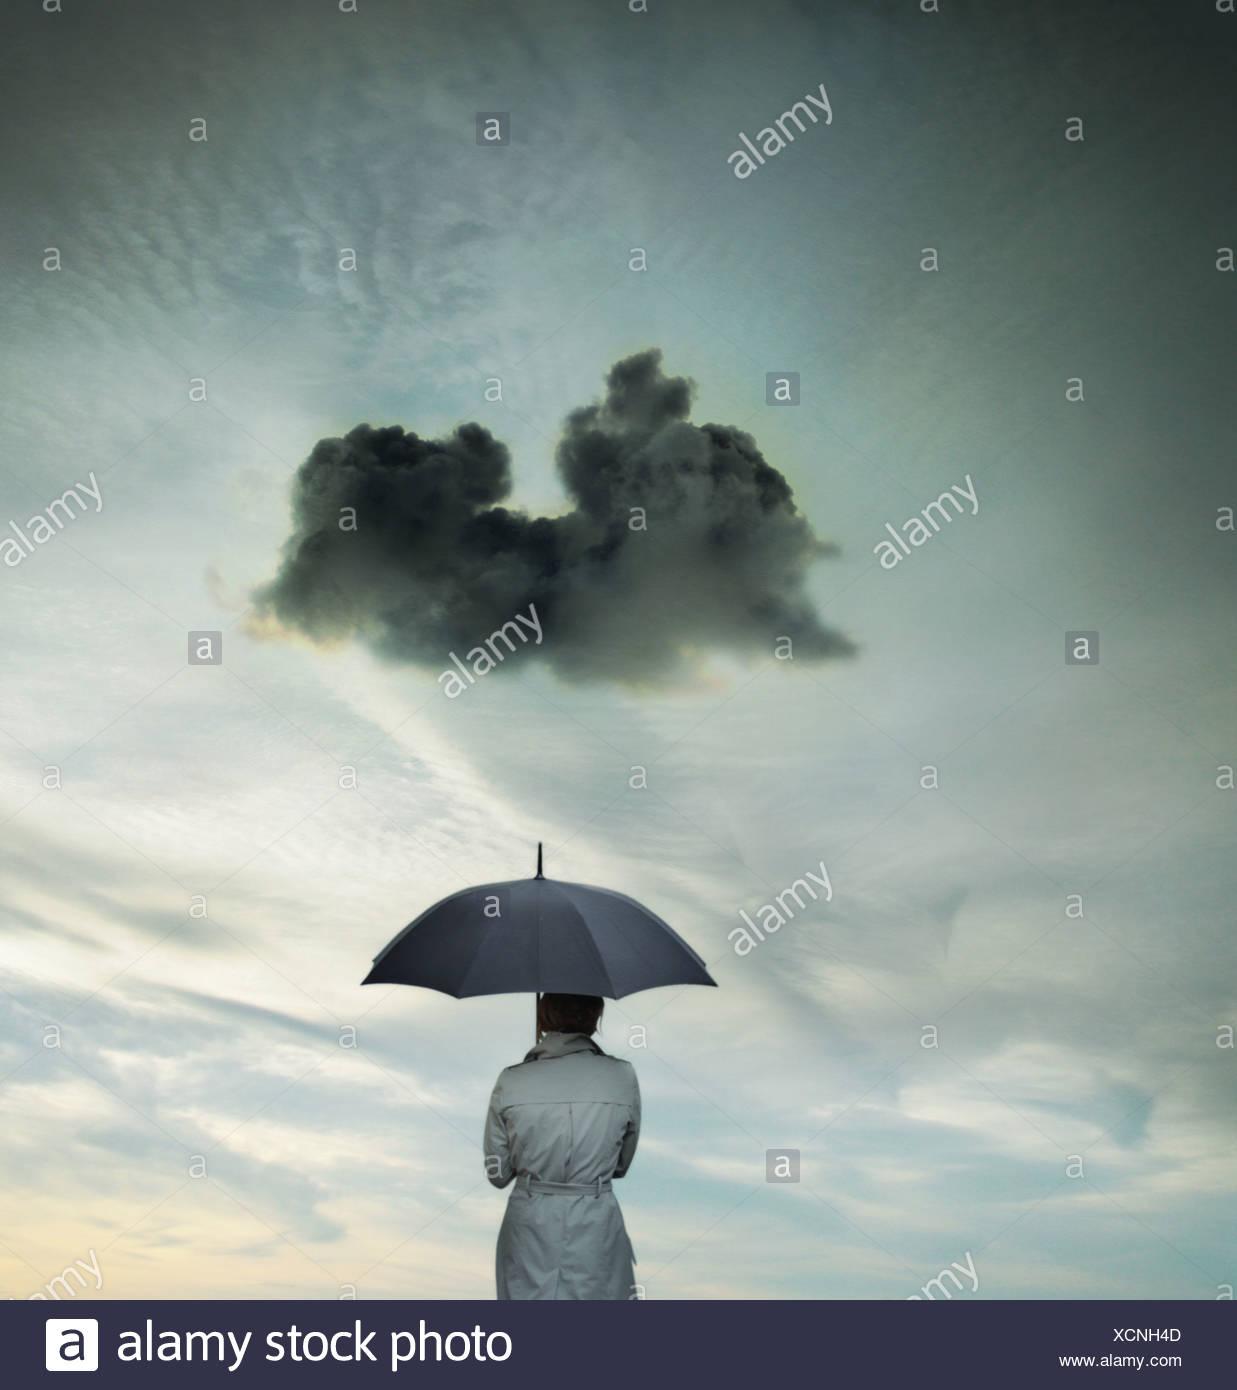 Business donna con un ombrello Immagini Stock